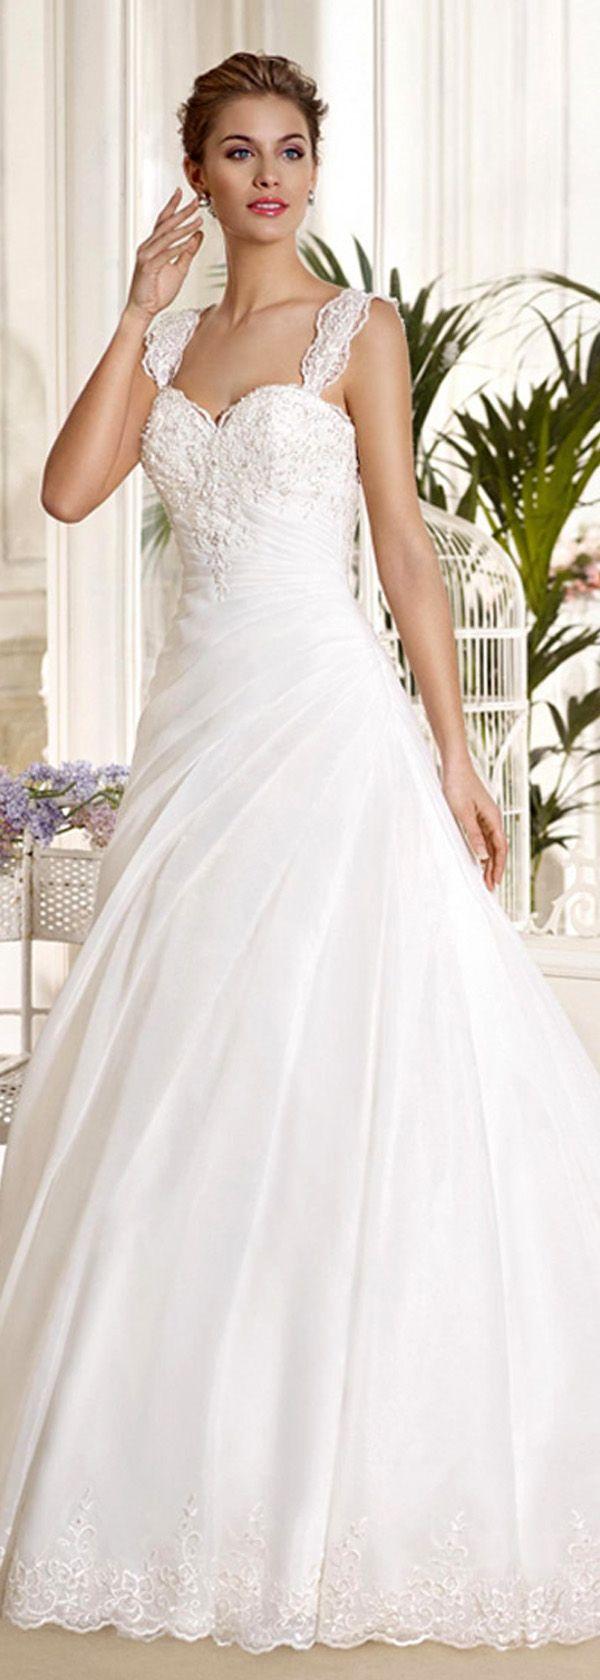 146 besten Hochzeitskleider Bilder auf Pinterest | Hochzeitskleider ...